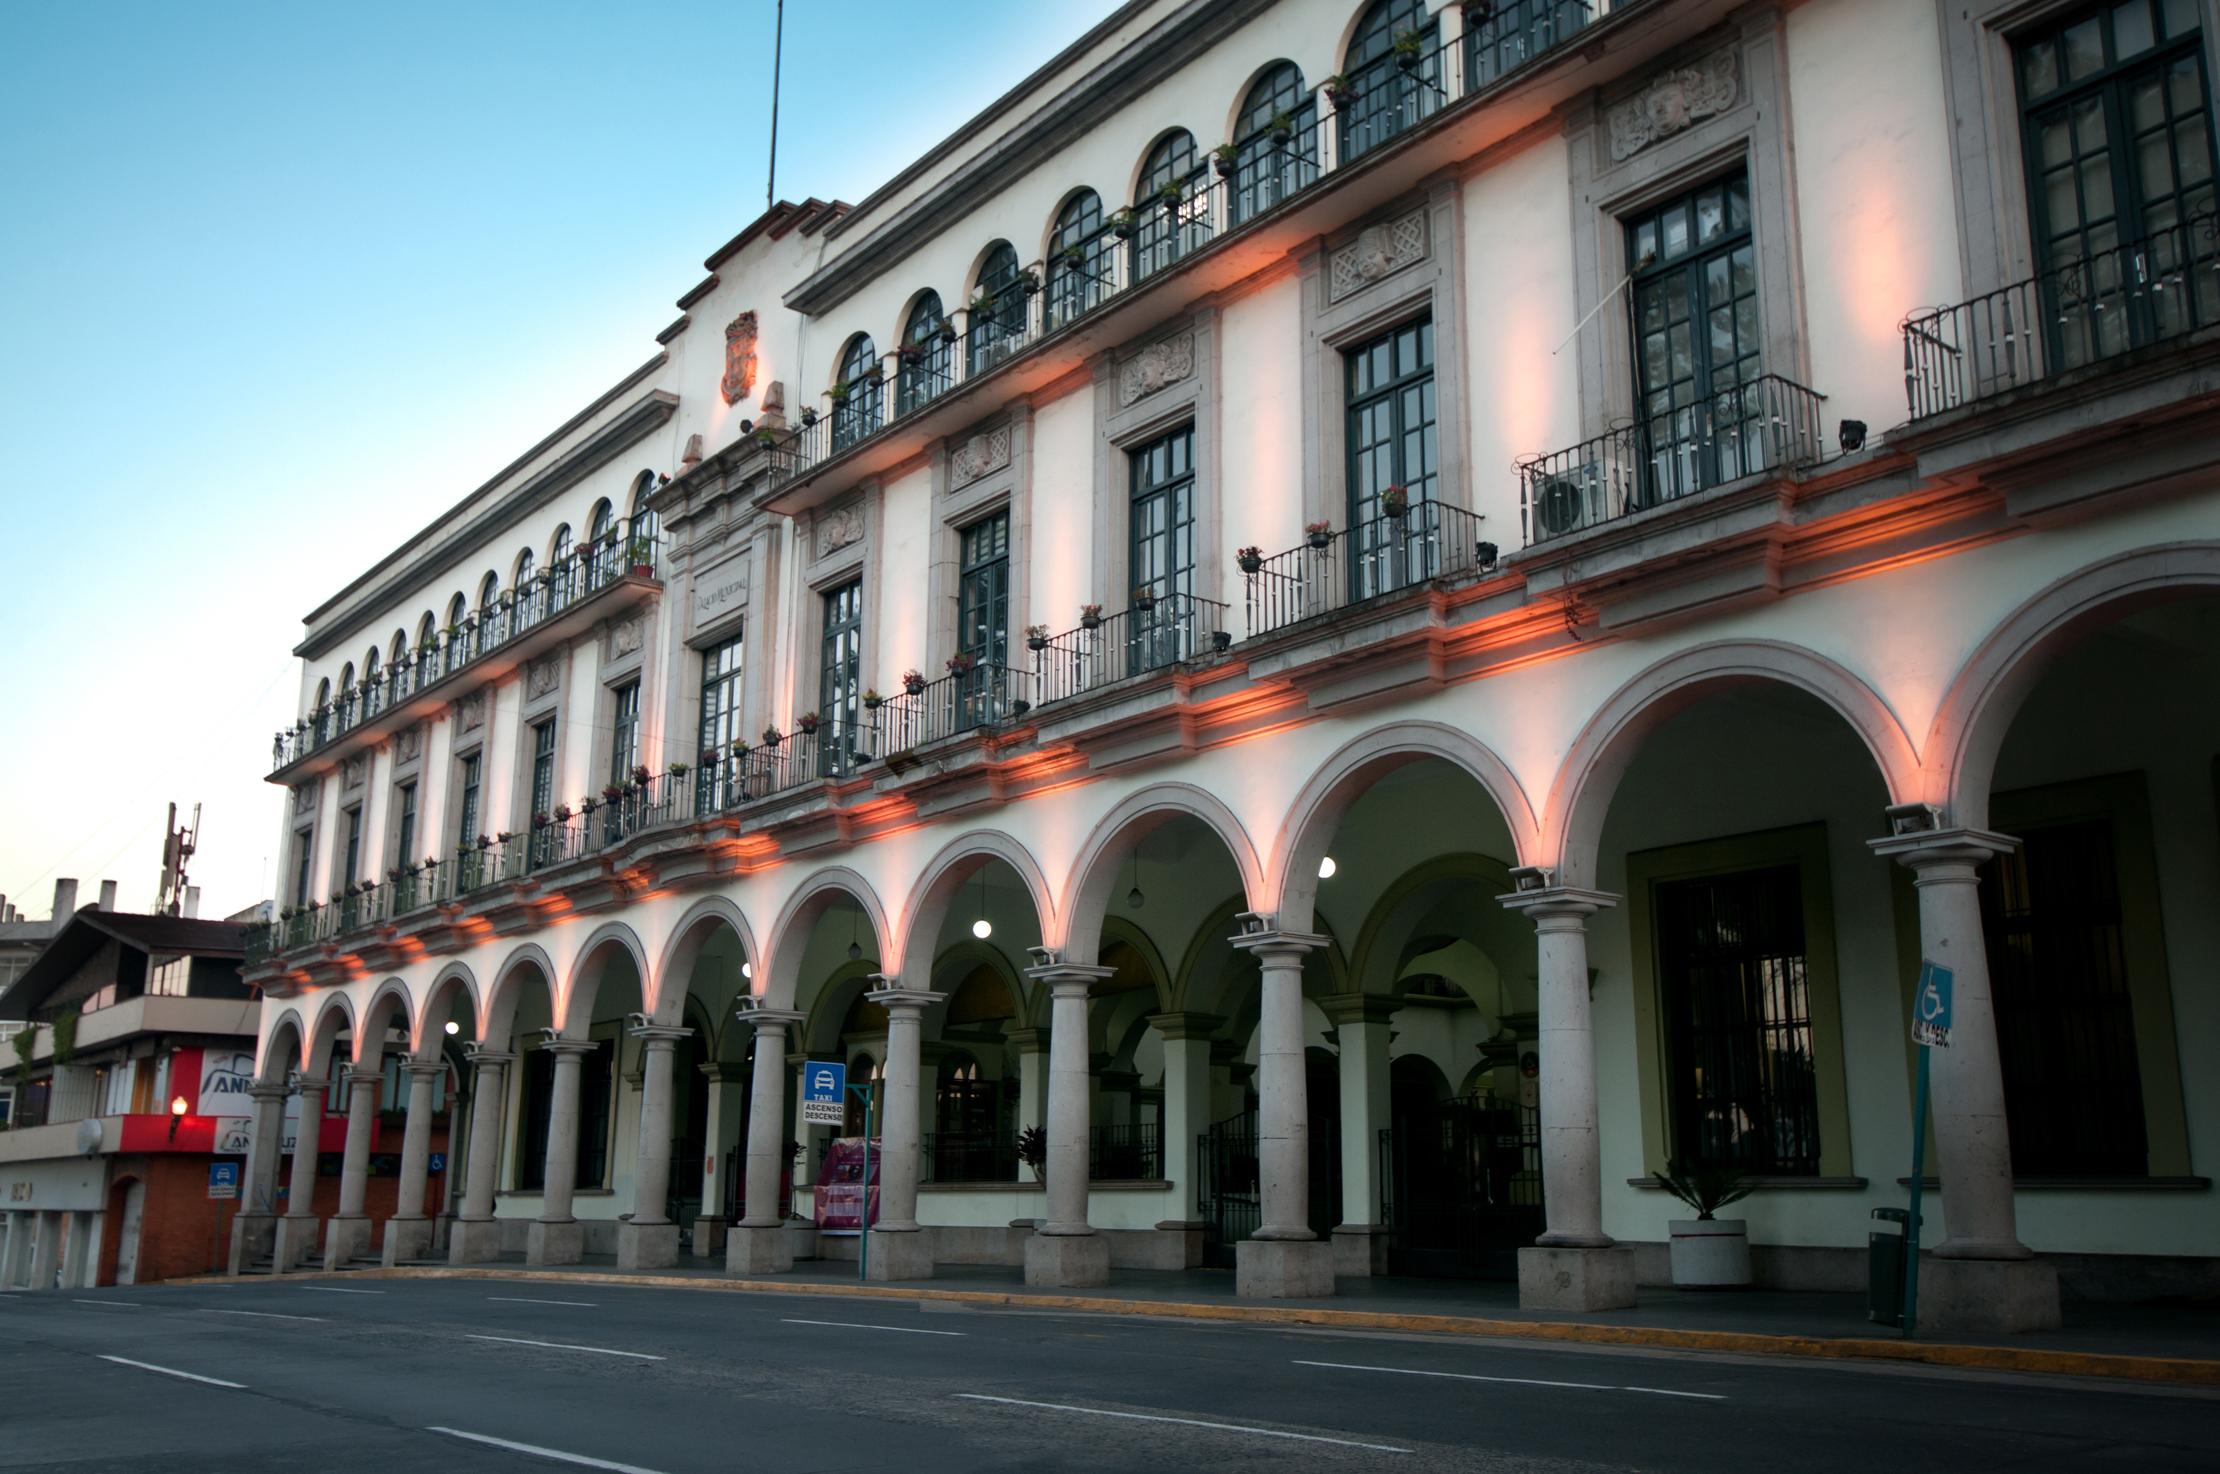 Más de 200 trabajadores del ayuntamiento de Xalapa siguen sin cobrar su sueldo